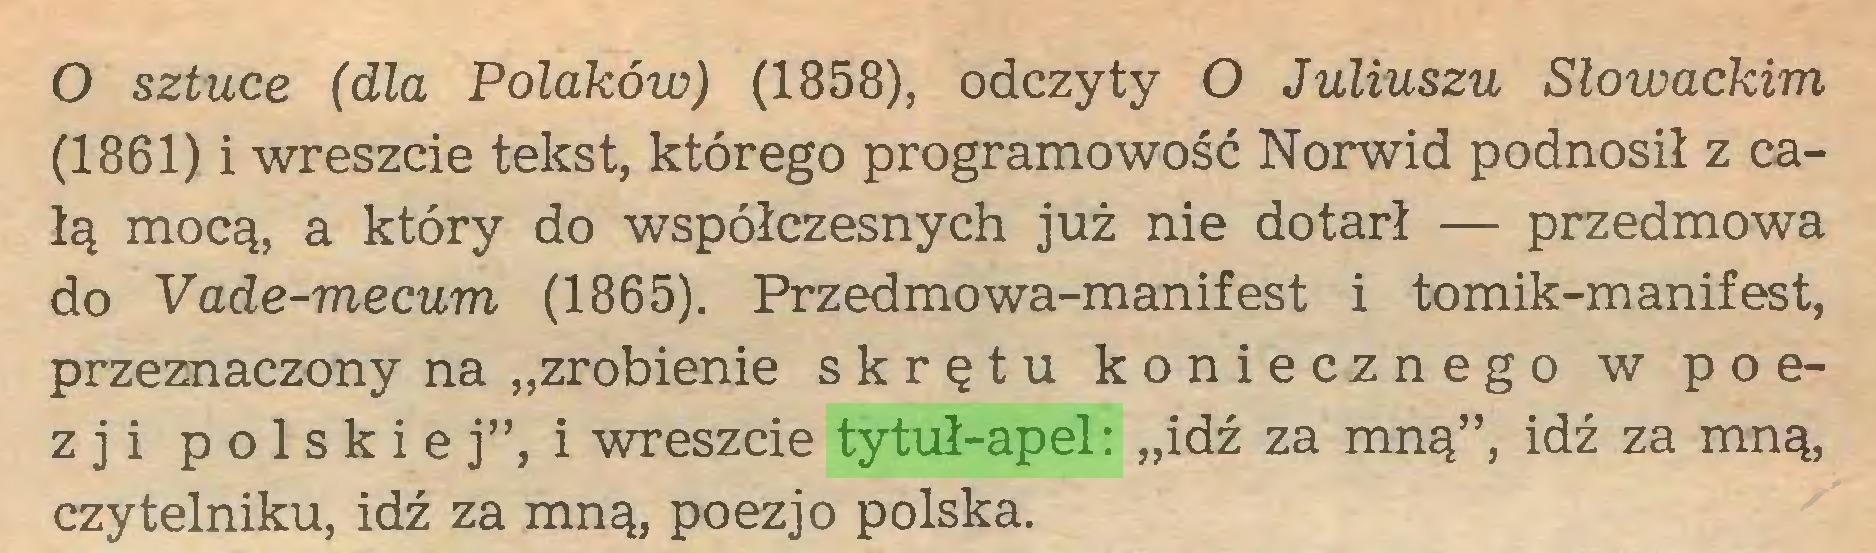 """(...) O sztuce (dla Polaków) (1858), odczyty O Juliuszu Słowackim (1861) i wreszcie tekst, którego programowość Norwid podnosił z całą mocą, a który do współczesnych już nie dotarł — przedmowa do Vade-mecum (1865). Przedmowa-manifest i tomik-manifest, przeznaczony na """"zrobienie skrętu koniecznego w poezji polskie j"""", i wreszcie tytuł-apel: """"idź za mną"""", idź za mną, czytelniku, idź za mną, poezjo polska..."""